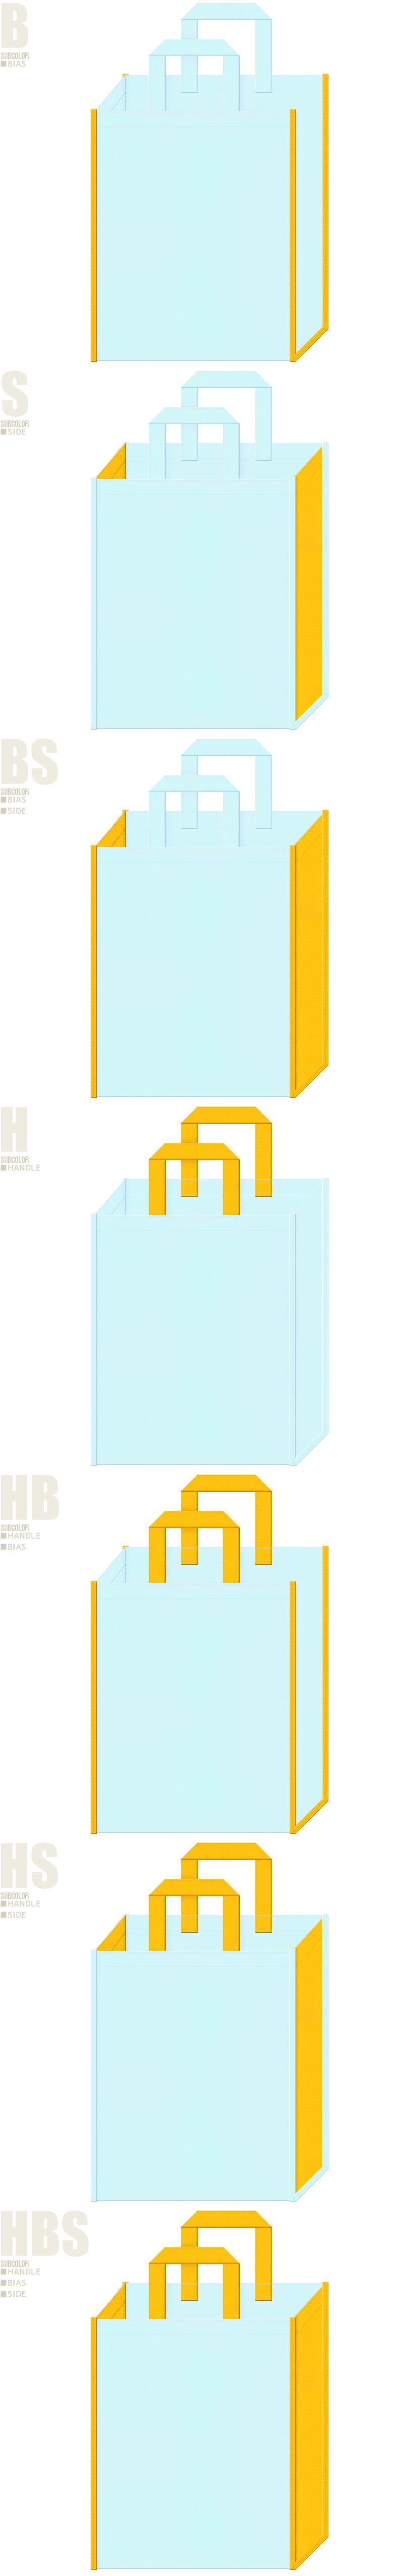 水色と黄色-7パターンの不織布トートバッグ配色デザイン例